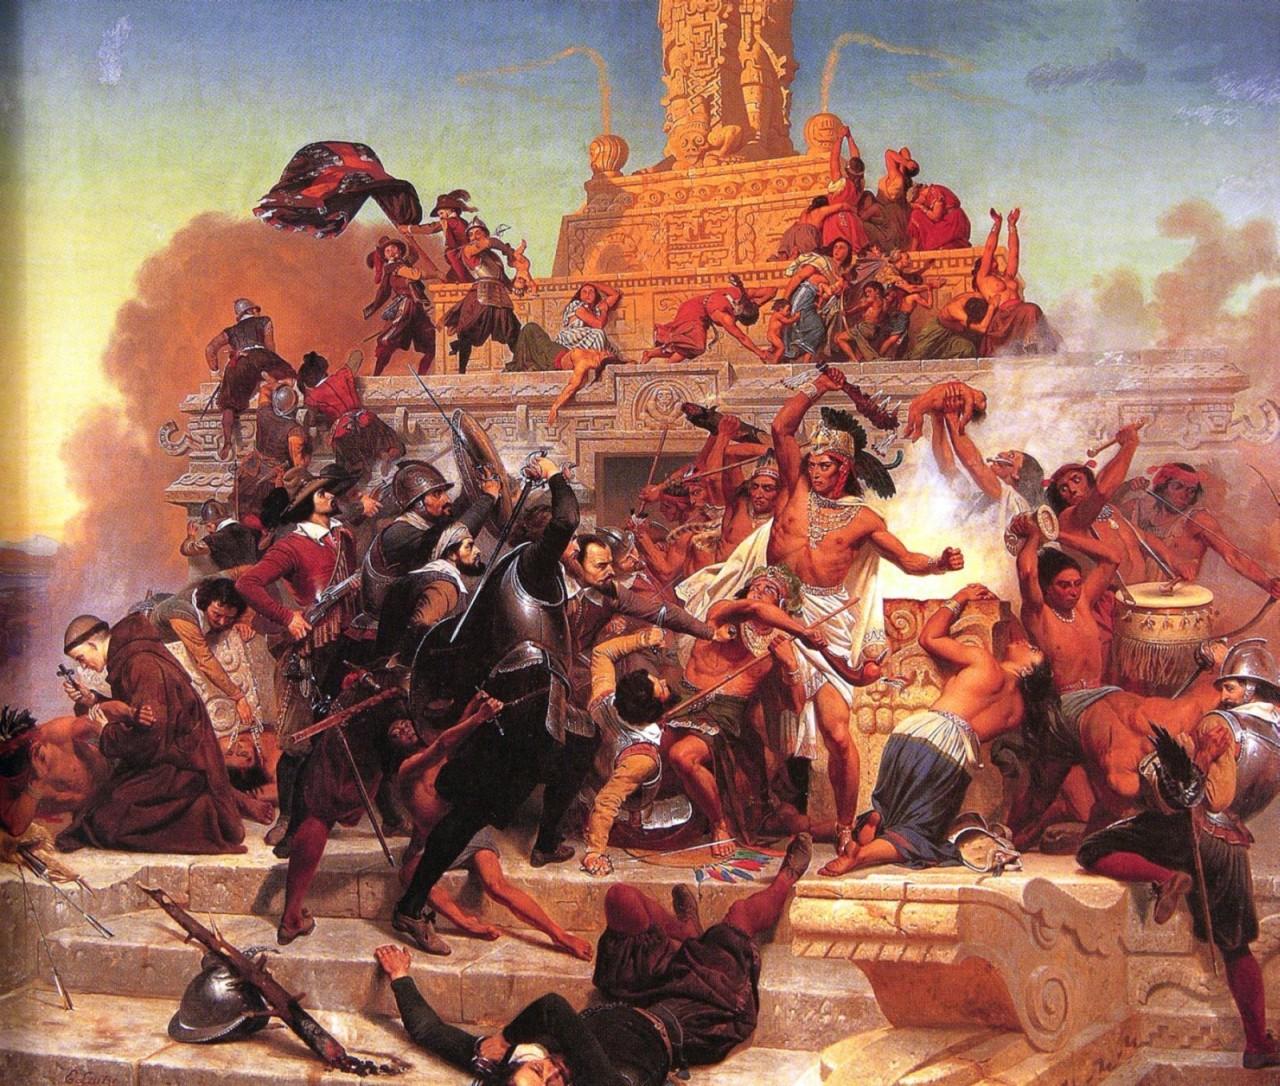 Колонизация Латинской Америки: заглядывая в прошлое